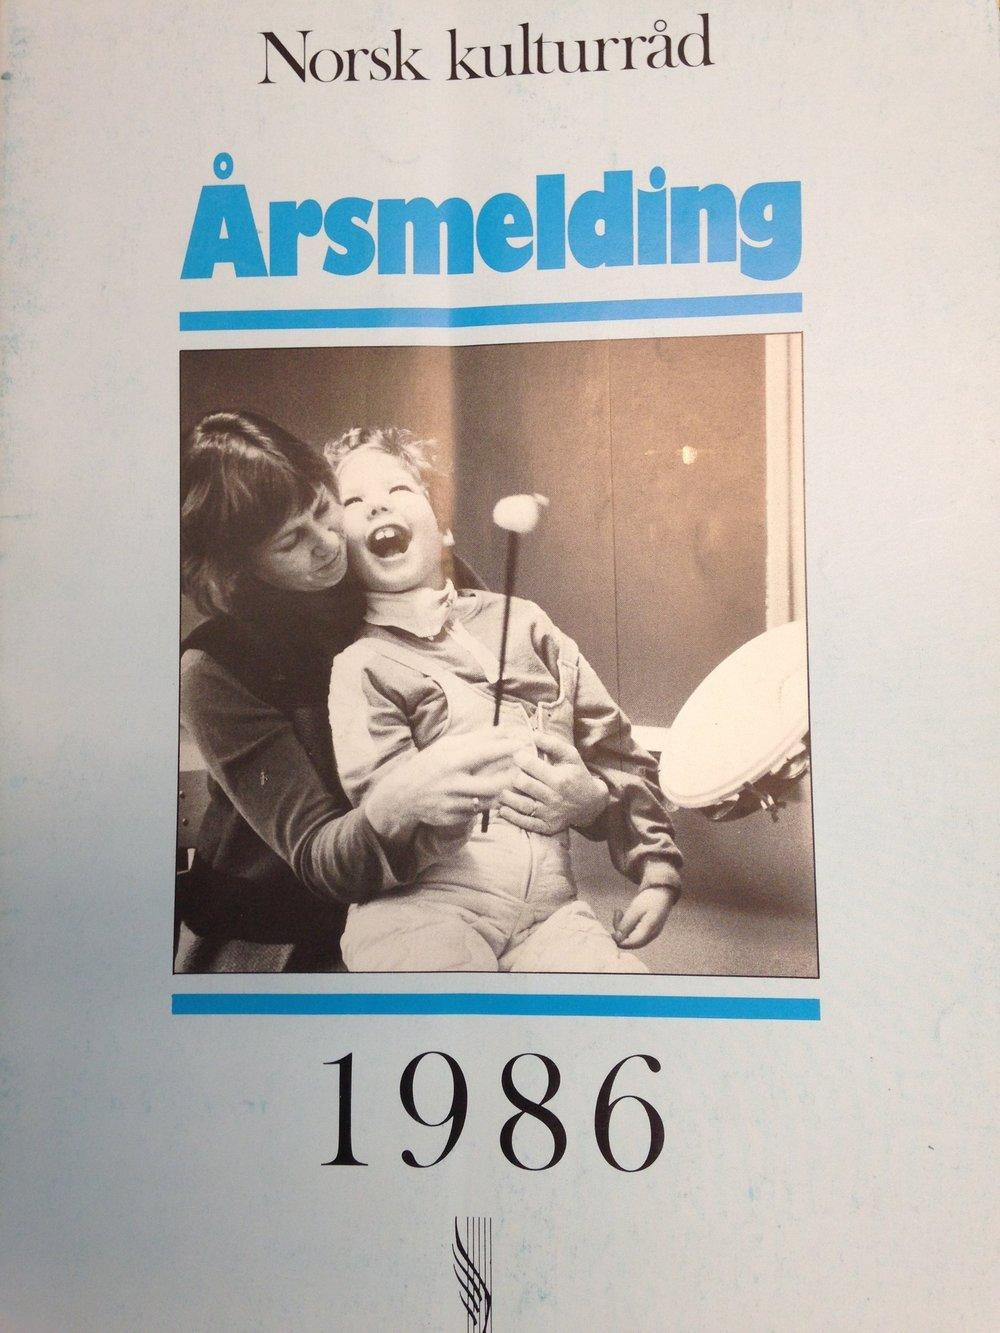 Norsk kulturråd var midt på 1980-talet med på synleggjere musikkterapiens rolle i arbeidet med eit meir inkluderande samfunn som tar alle menneske sin rett til kultur- og samfunnsdeltaking på alvor.